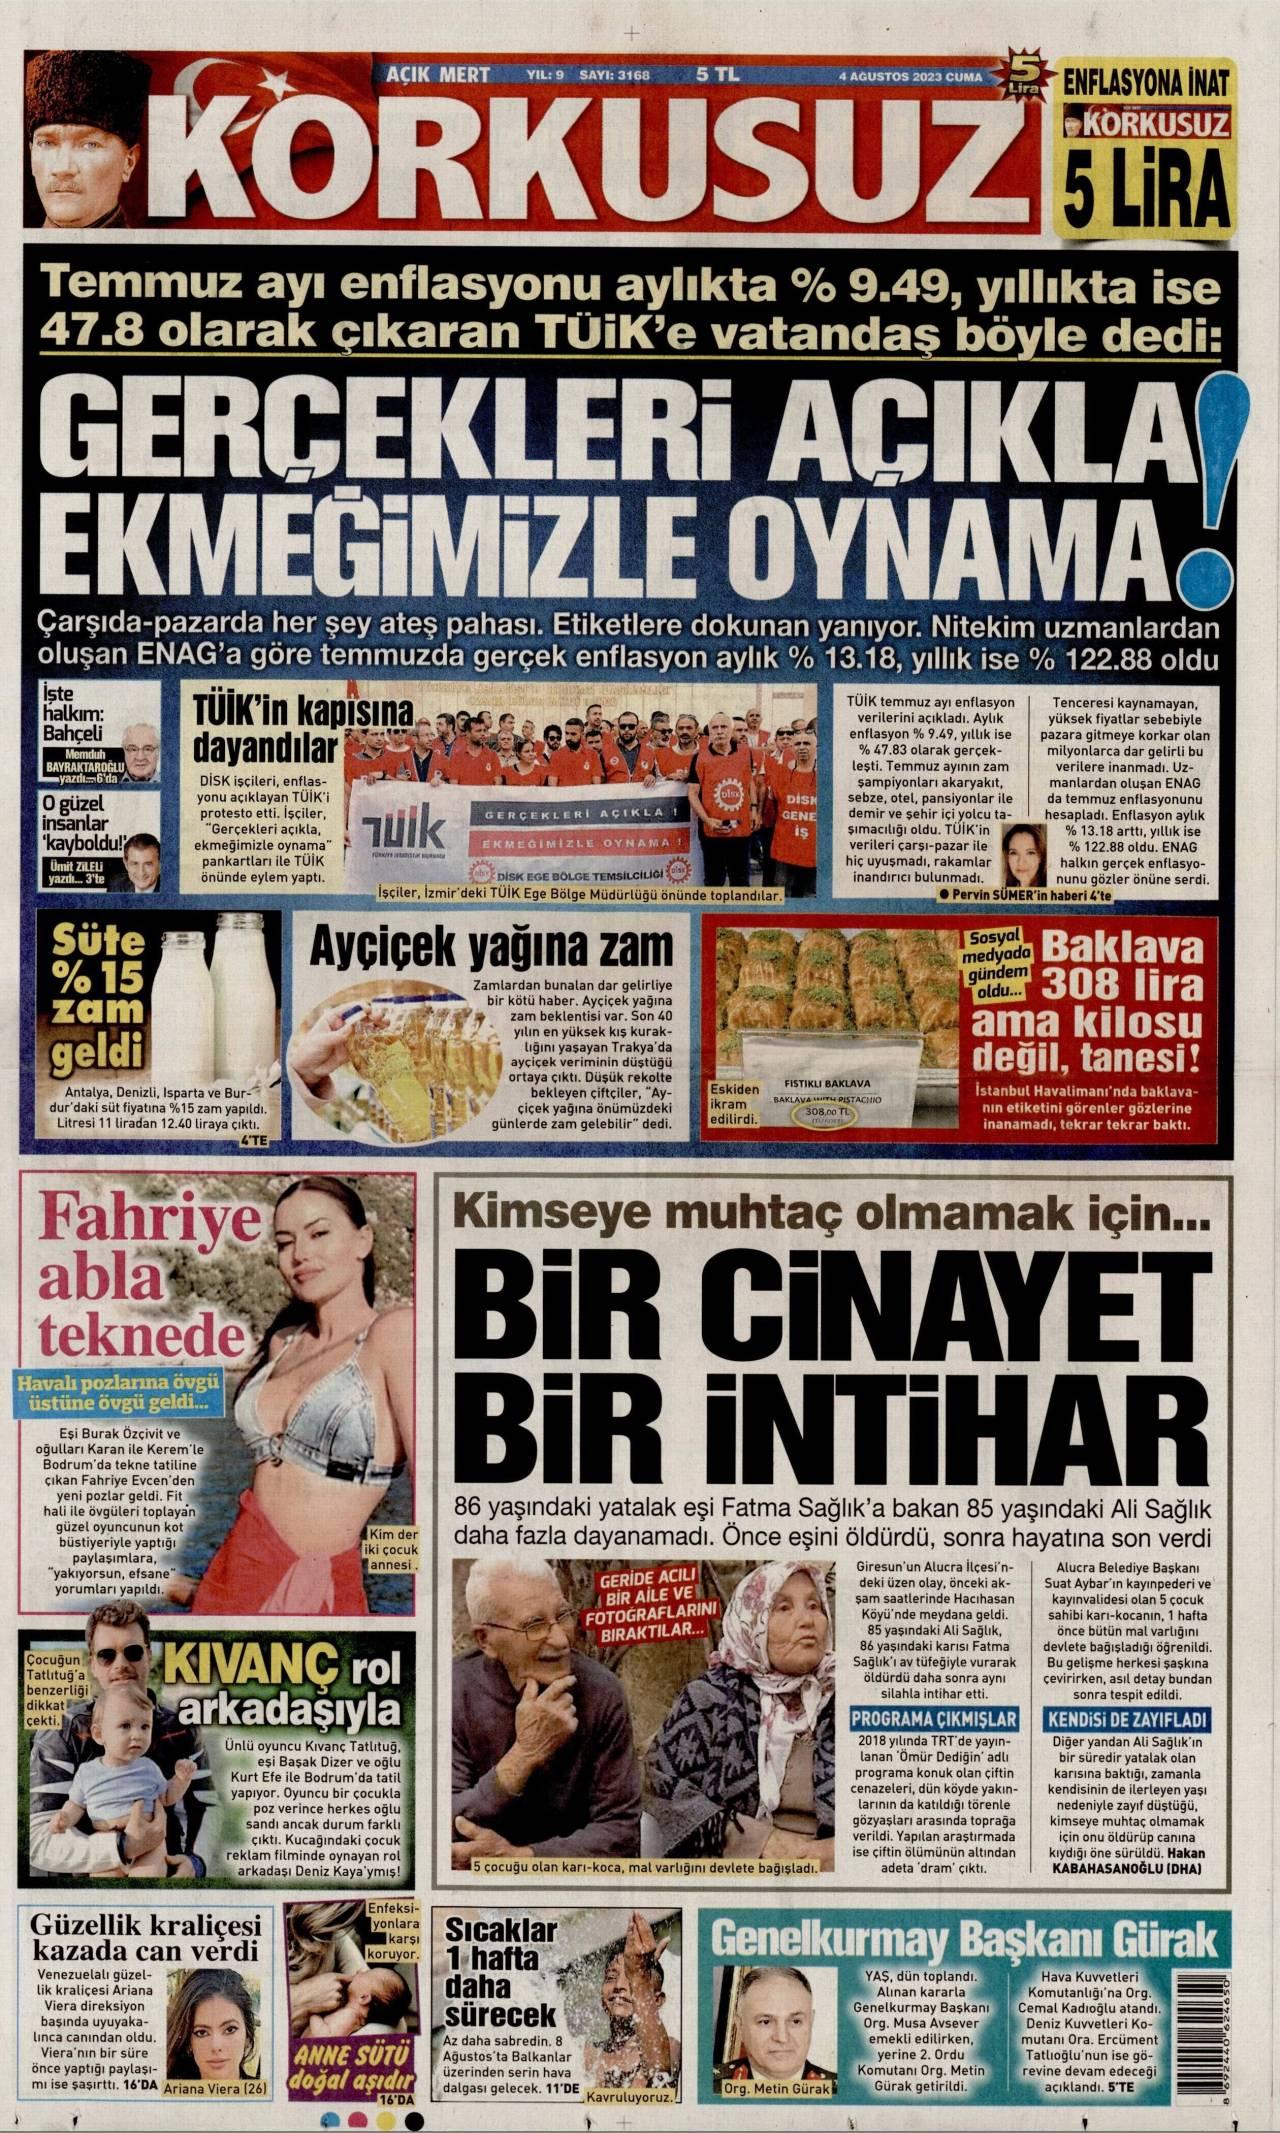 24.03.2017 tarihli Korkusuz gazetesinin 1. sayfası